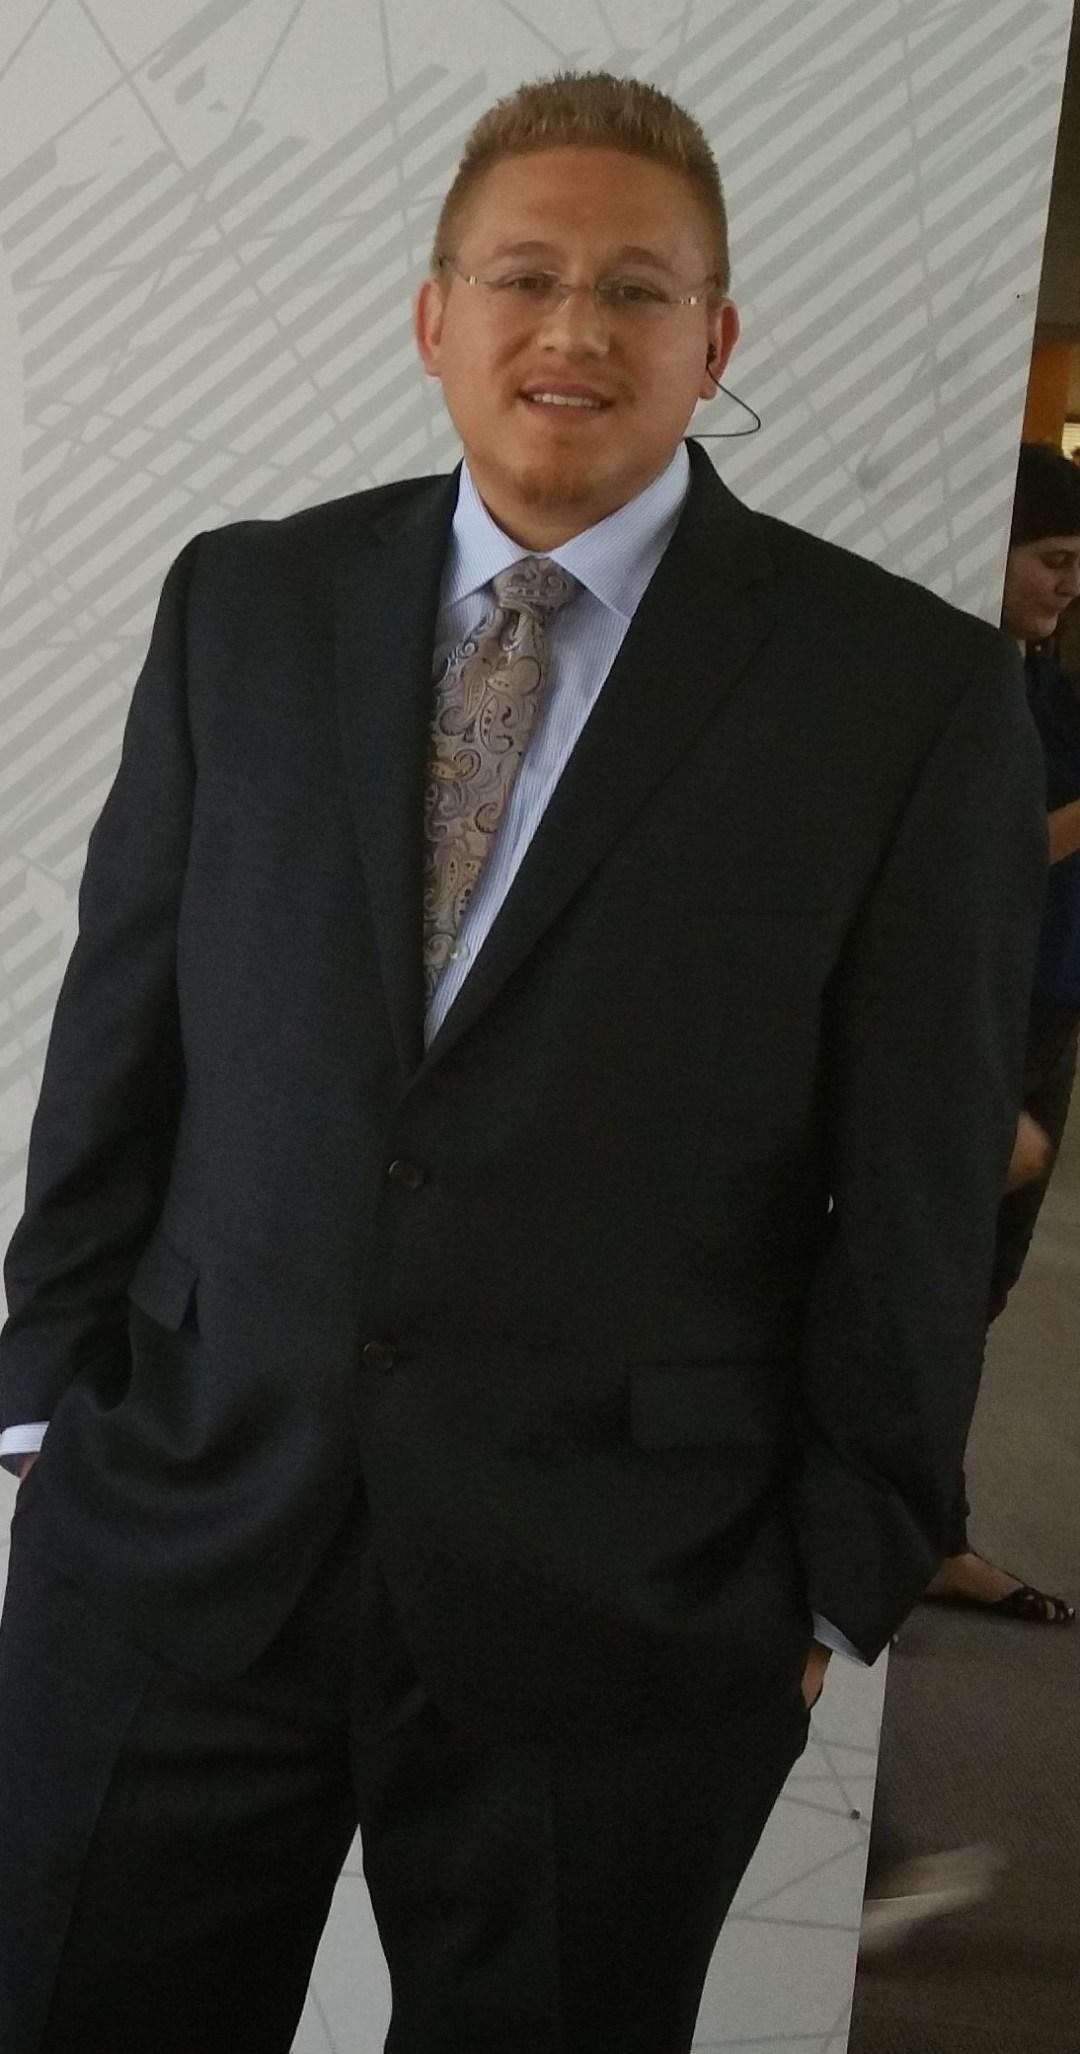 Philip K. Garza III